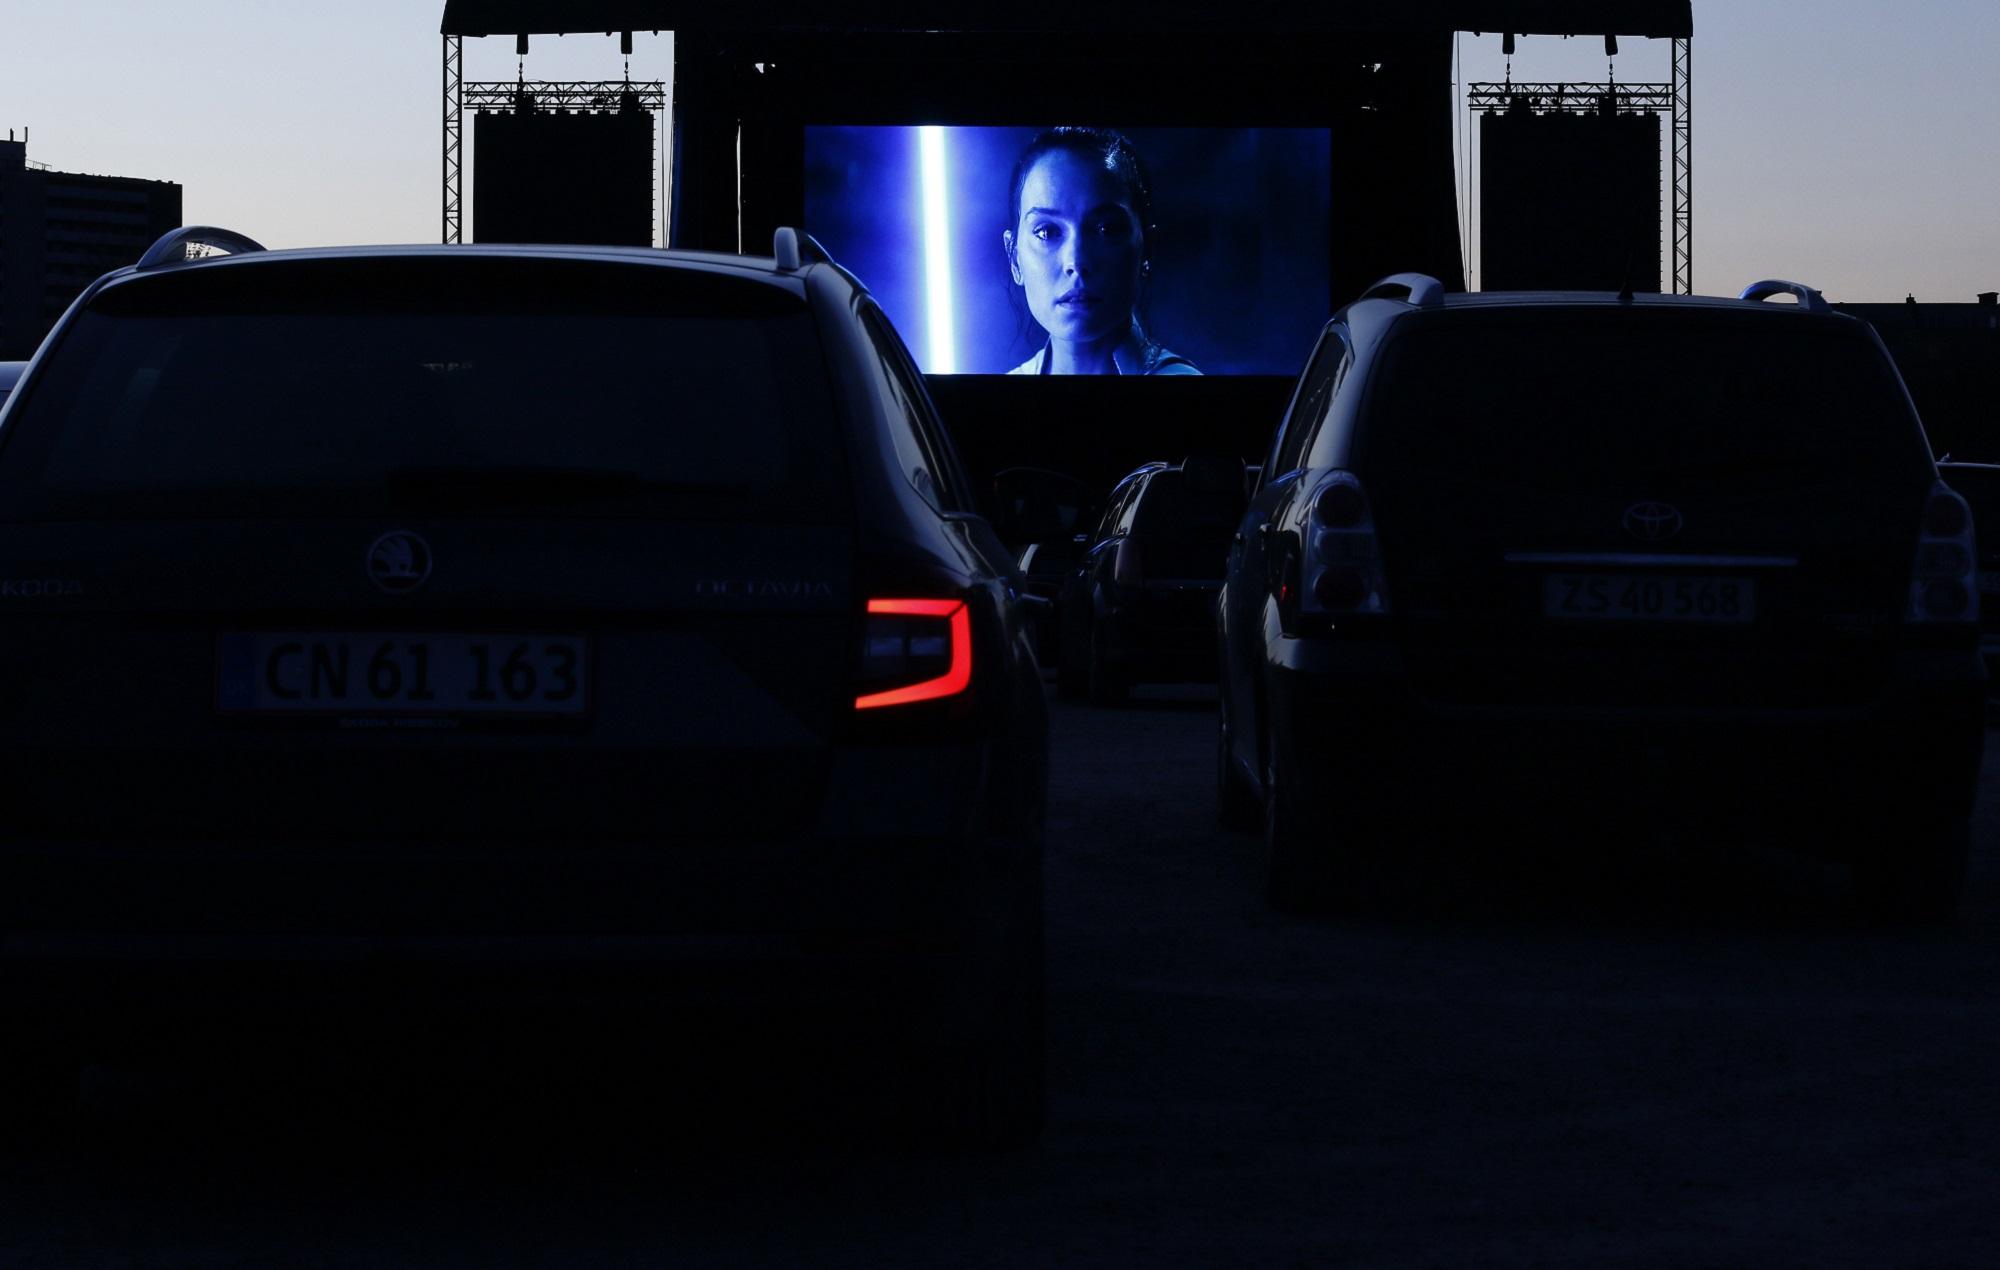 Aarhus drive in cinema